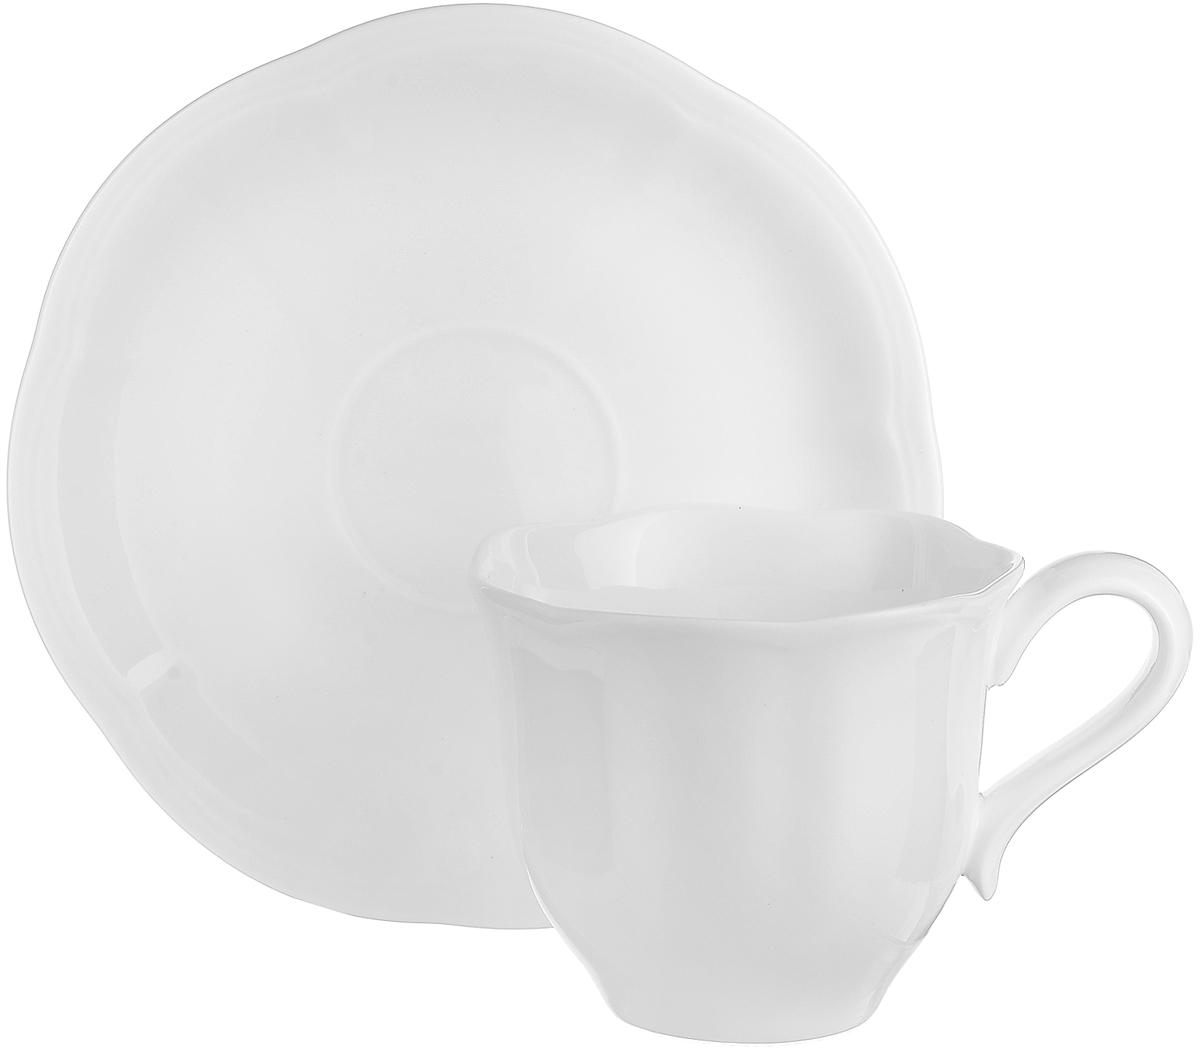 Чайная пара Royal Aurel Тюльпан, 2 предмета250Чайная пара Royal Aurel Тюльпан, выполненная из костяного фарфора, состоит из чашки и блюдца. Предметы набора имеют белую окраску без орнамента. Изящный дизайн и красочность оформления придутся по вкусу и ценителям классики, и тем, кто предпочитает утонченность и изысканность.Чайная пара - идеальный и необходимый подарок для вашего дома и для ваших друзей в праздники, юбилеи и торжества! Он также станет отличным корпоративным подарком и украшением любой кухни.